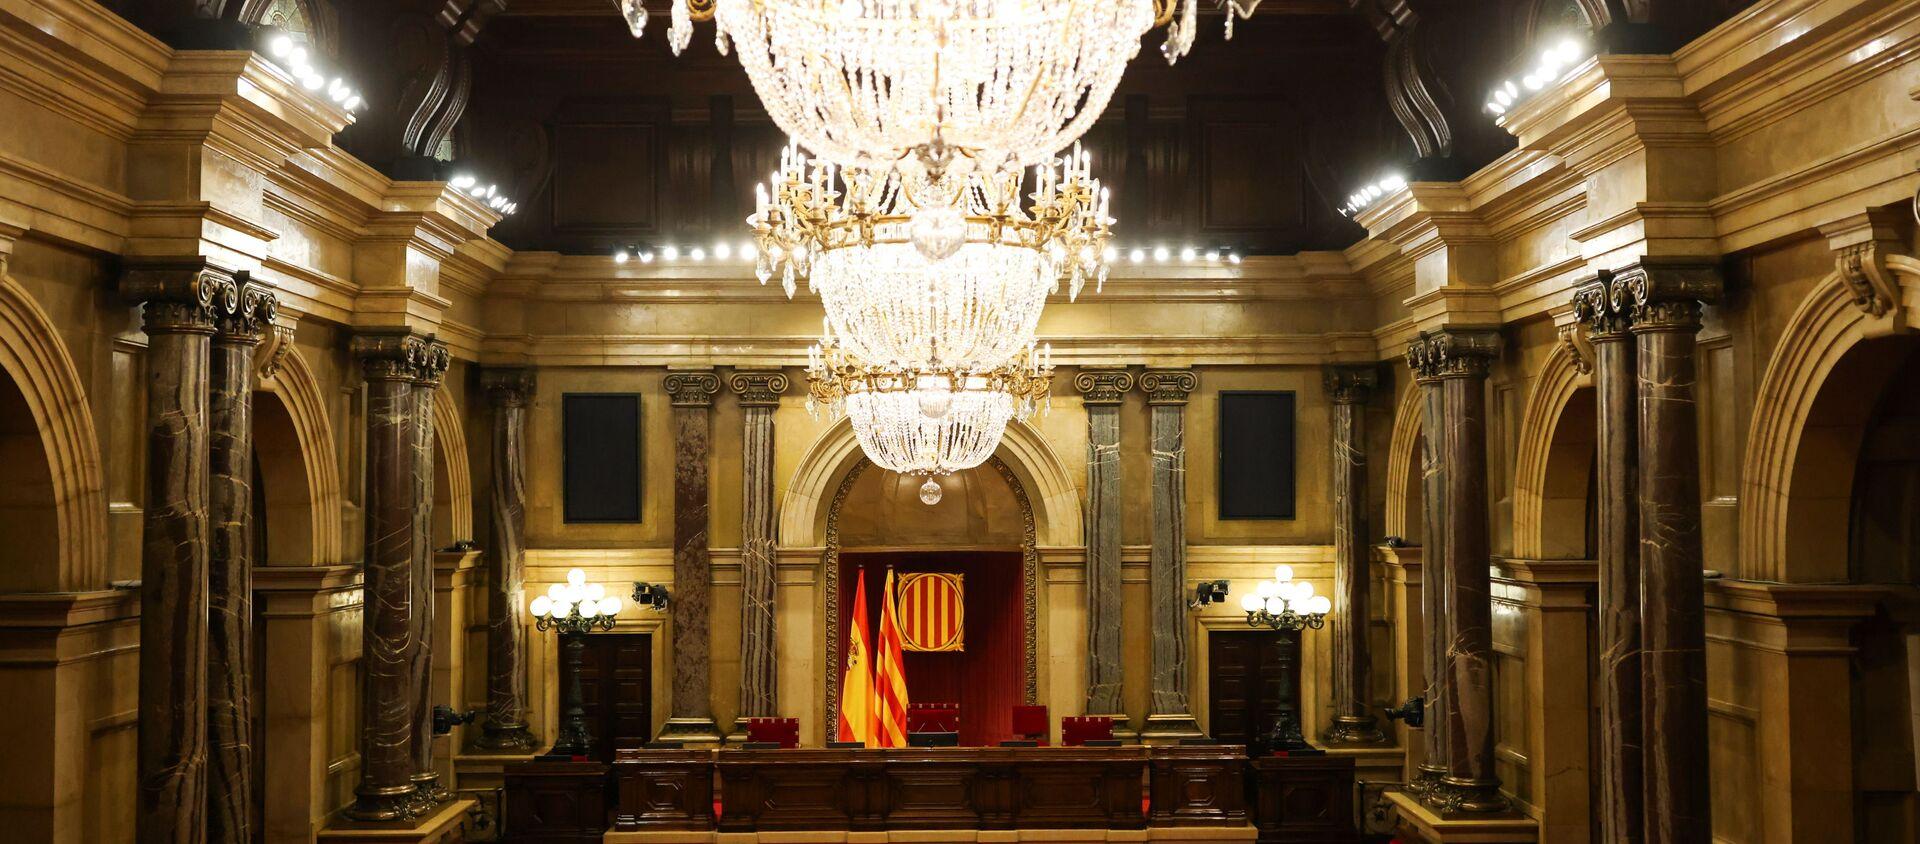 El Parlamento de Cataluña vacío - Sputnik Mundo, 1920, 02.02.2021